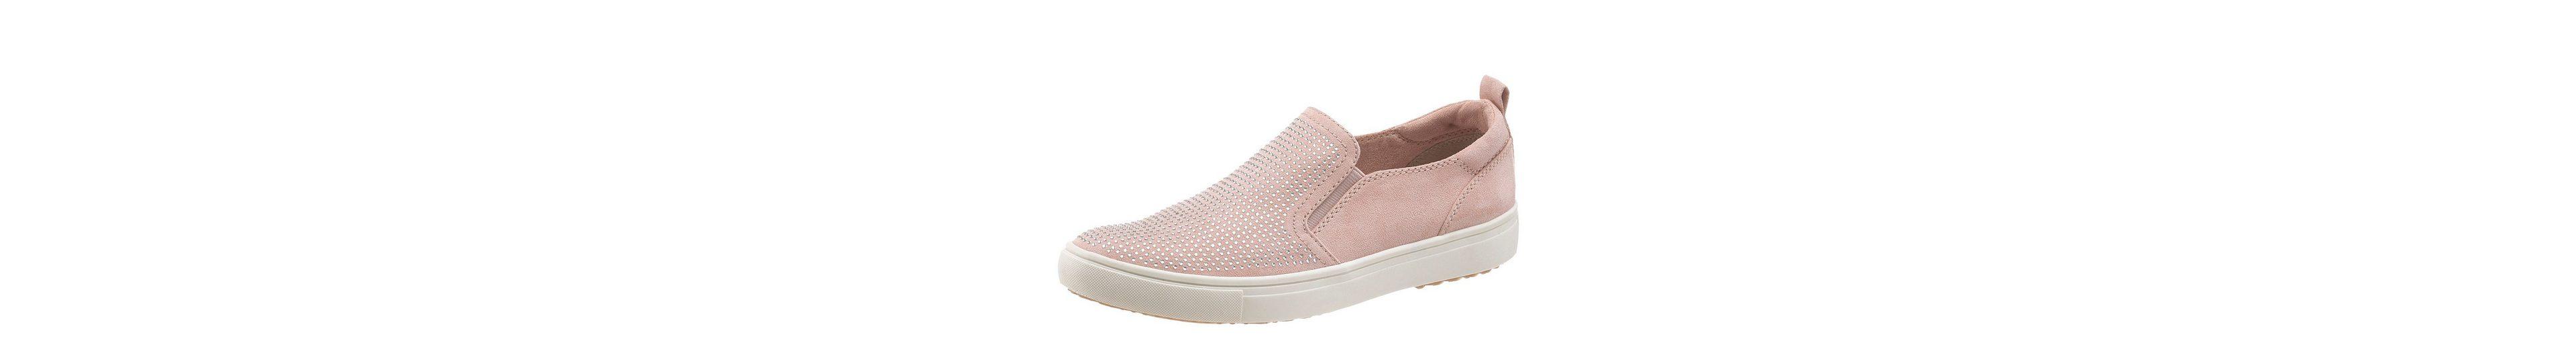 Tamaris Sneaker, mit schöner Steinchenverzierung